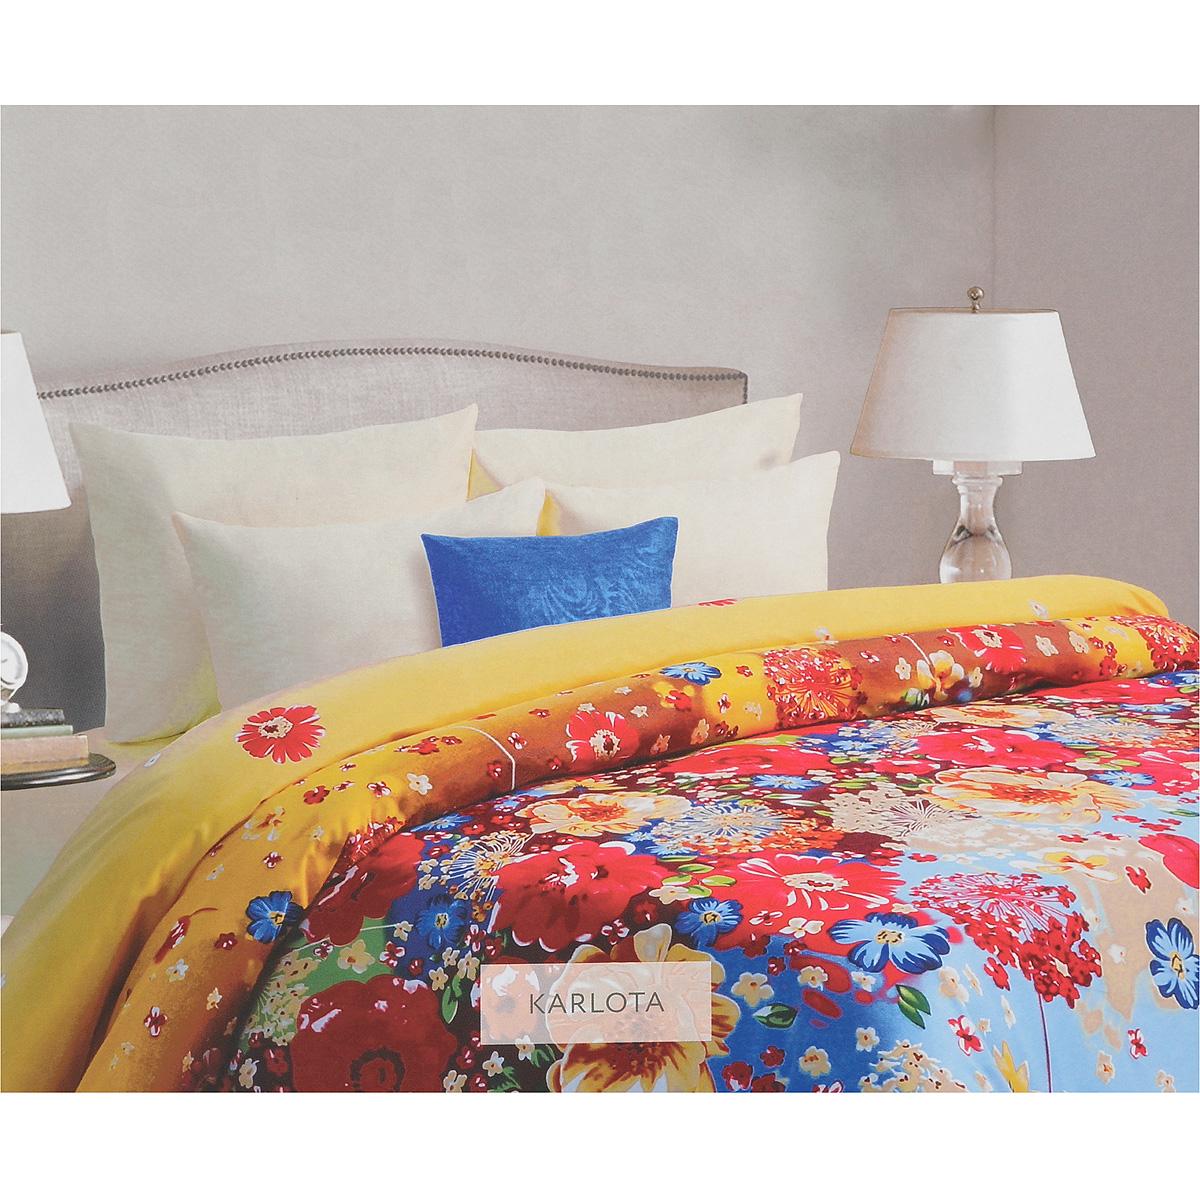 """Комплект белья Mona Liza """"Karlota"""", выполненный из батиста (100% хлопок), состоит из пододеяльника, простыни и двух наволочек. Изделия оформлены красивым цветочным рисунком. Батист - тонкая, легкая натуральная ткань полотняного переплетения. Ткань с незначительной сминаемостью, хорошо сохраняющая цвет при стирке, легкая, с прекрасными гигиеническими показателями.В комплект входит: Пододеяльник - 1 шт. Размер: 175 см х 210 см. Простыня - 1 шт. Размер: 215 см х 240 см. Наволочка - 2 шт. Размер: 70 см х 70 см. Рекомендации по уходу: - Ручная и машинная стирка 40°С, - Гладить при температуре не более 150°С, - Не использовать хлорсодержащие средства, - Щадящая сушка, - Не подвергать химчистке.    Советы по выбору постельного белья от блогера Ирины Соковых. Статья OZON Гид"""